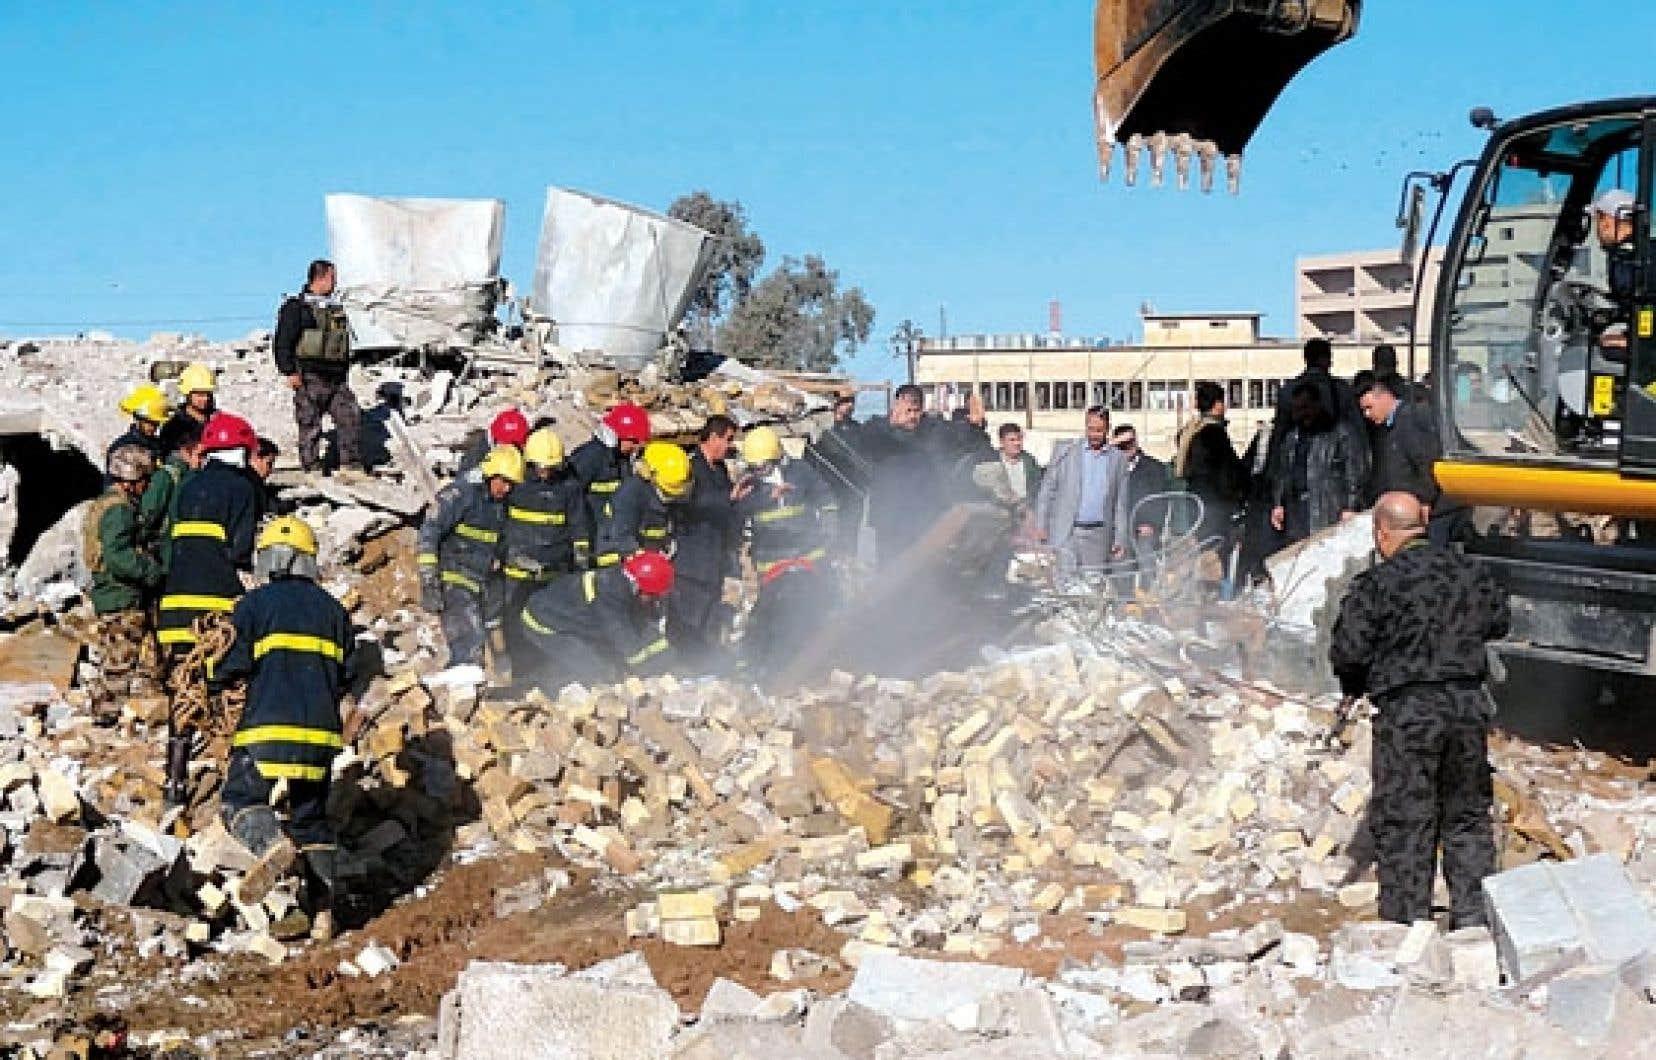 Des secouristes fouillaient mercredi les décombres à Kirkouk à la suite d'une explosion.